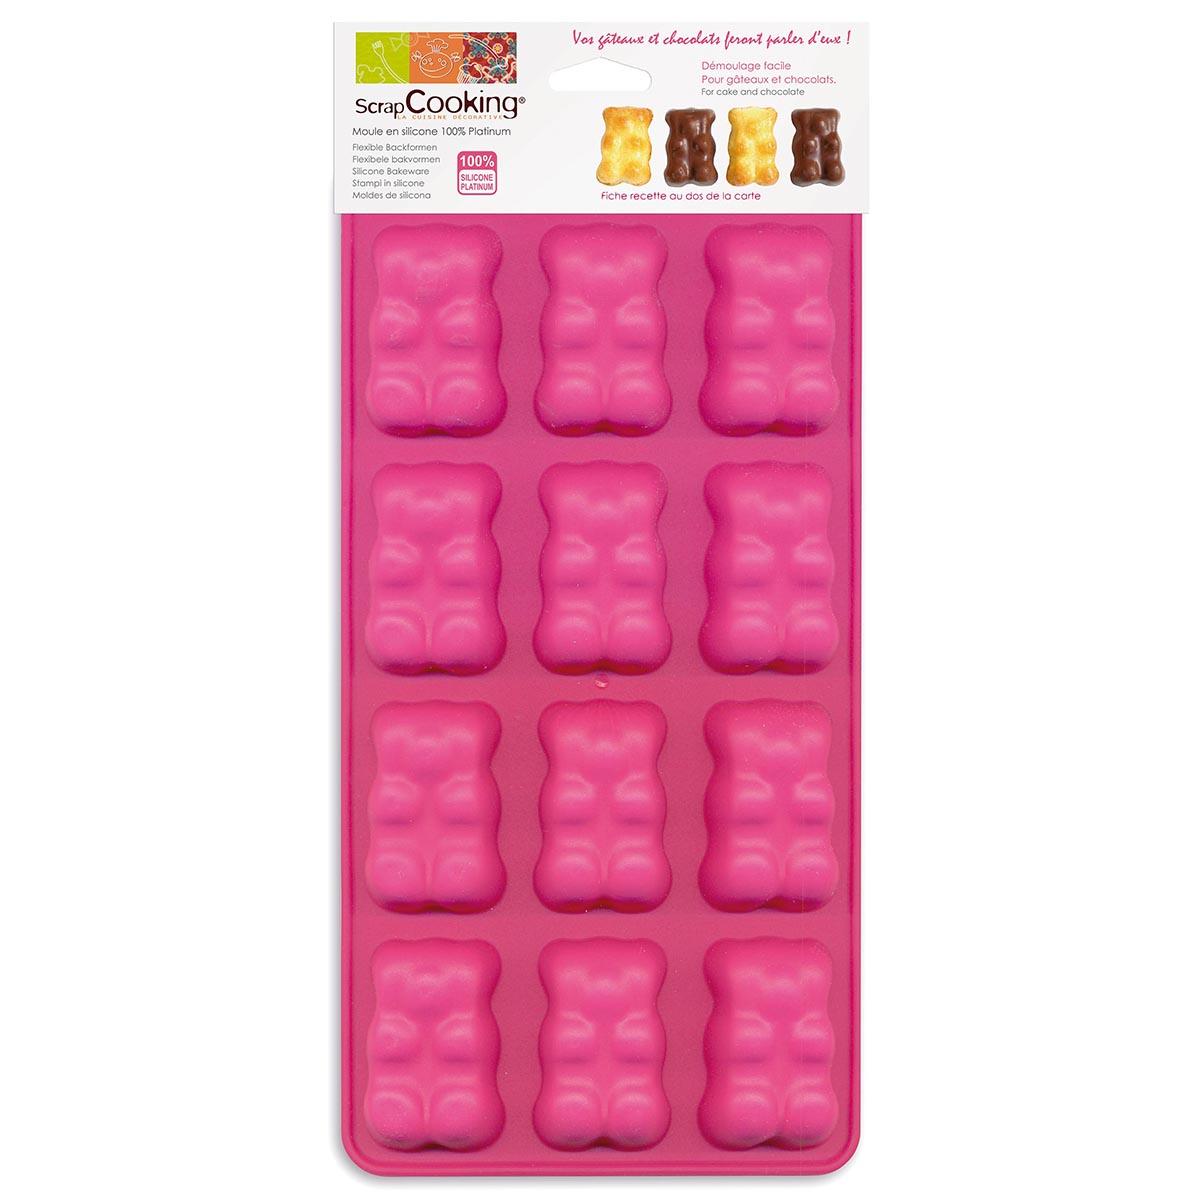 Image du produit 12 moules en silicone - ourson - Scrapcooking